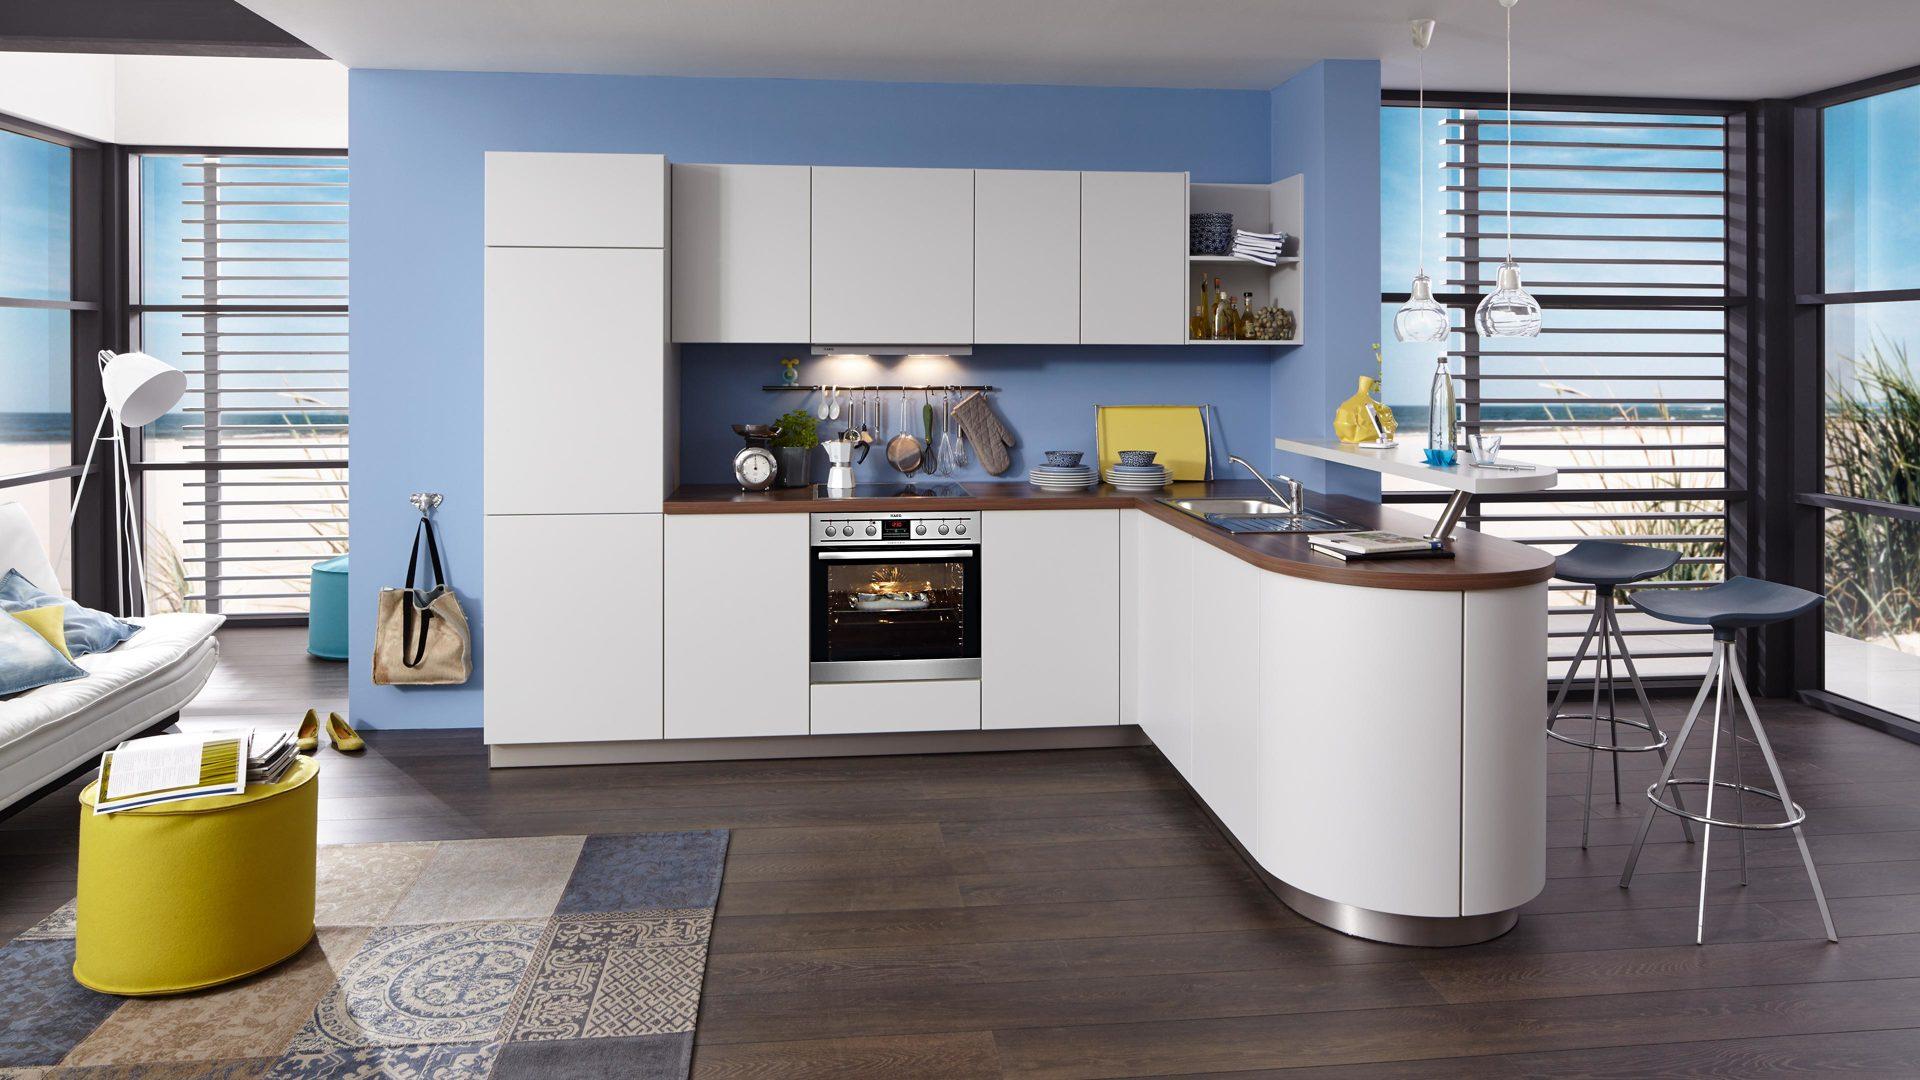 Einbauküche weiß günstig  Hertel Möbel e.K. Gesees, Möbel A-Z, Küchen, Einbauküche ...